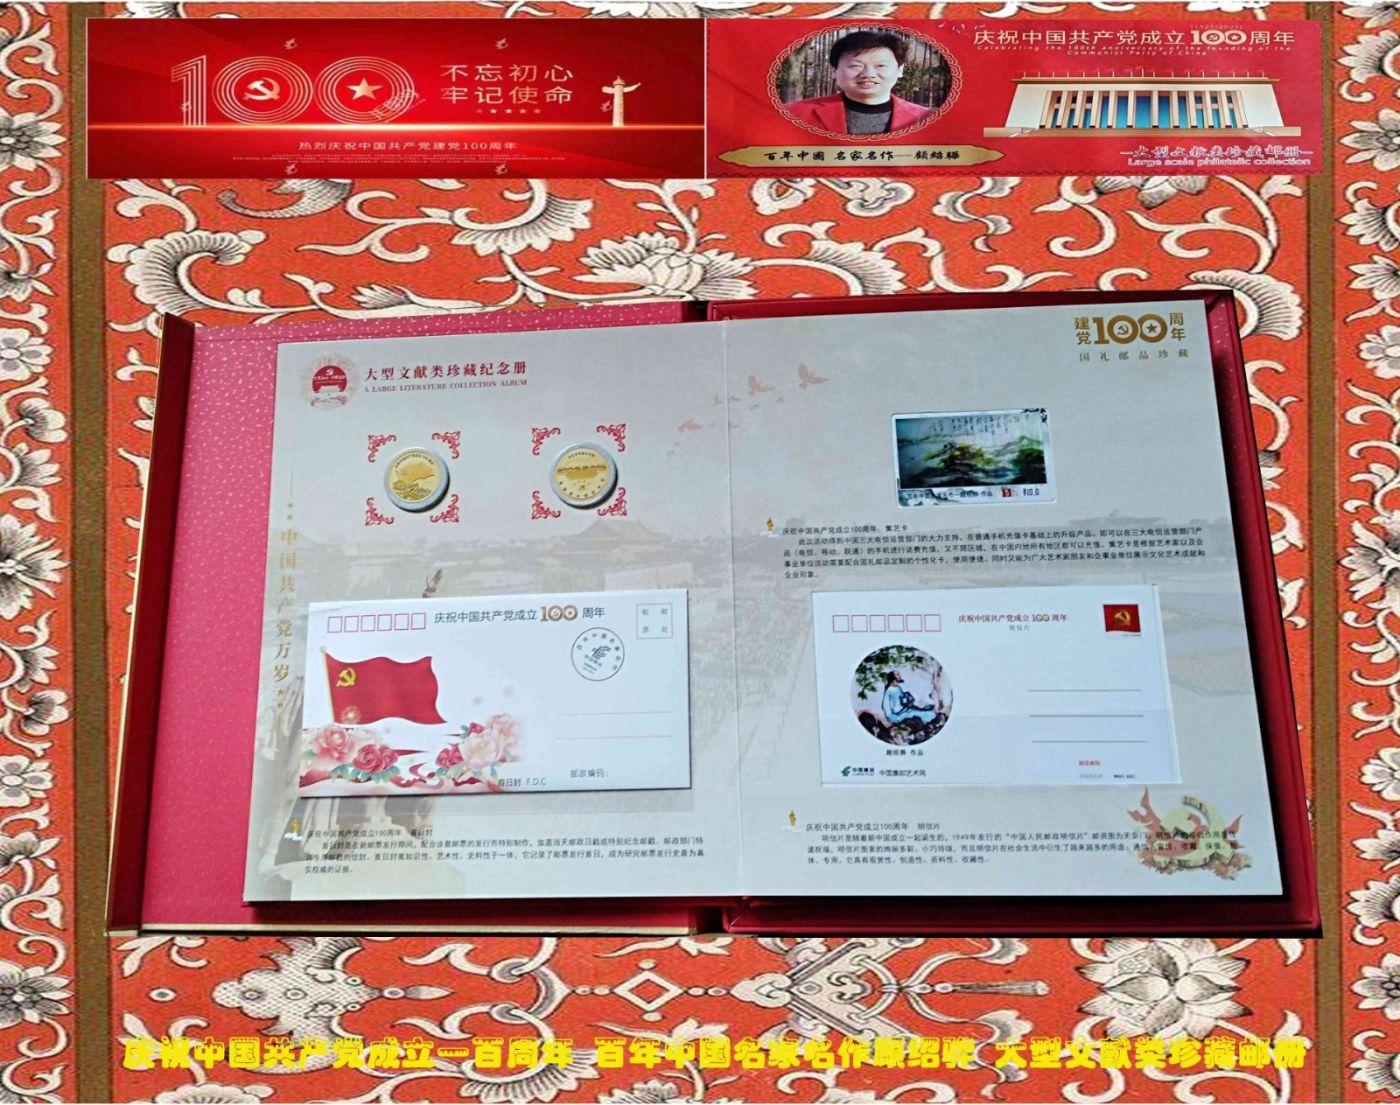 顾绍骅的诗情画意又入选《庆祝中国共产党成立100周年 百年中国名家名作》 ..._图1-16